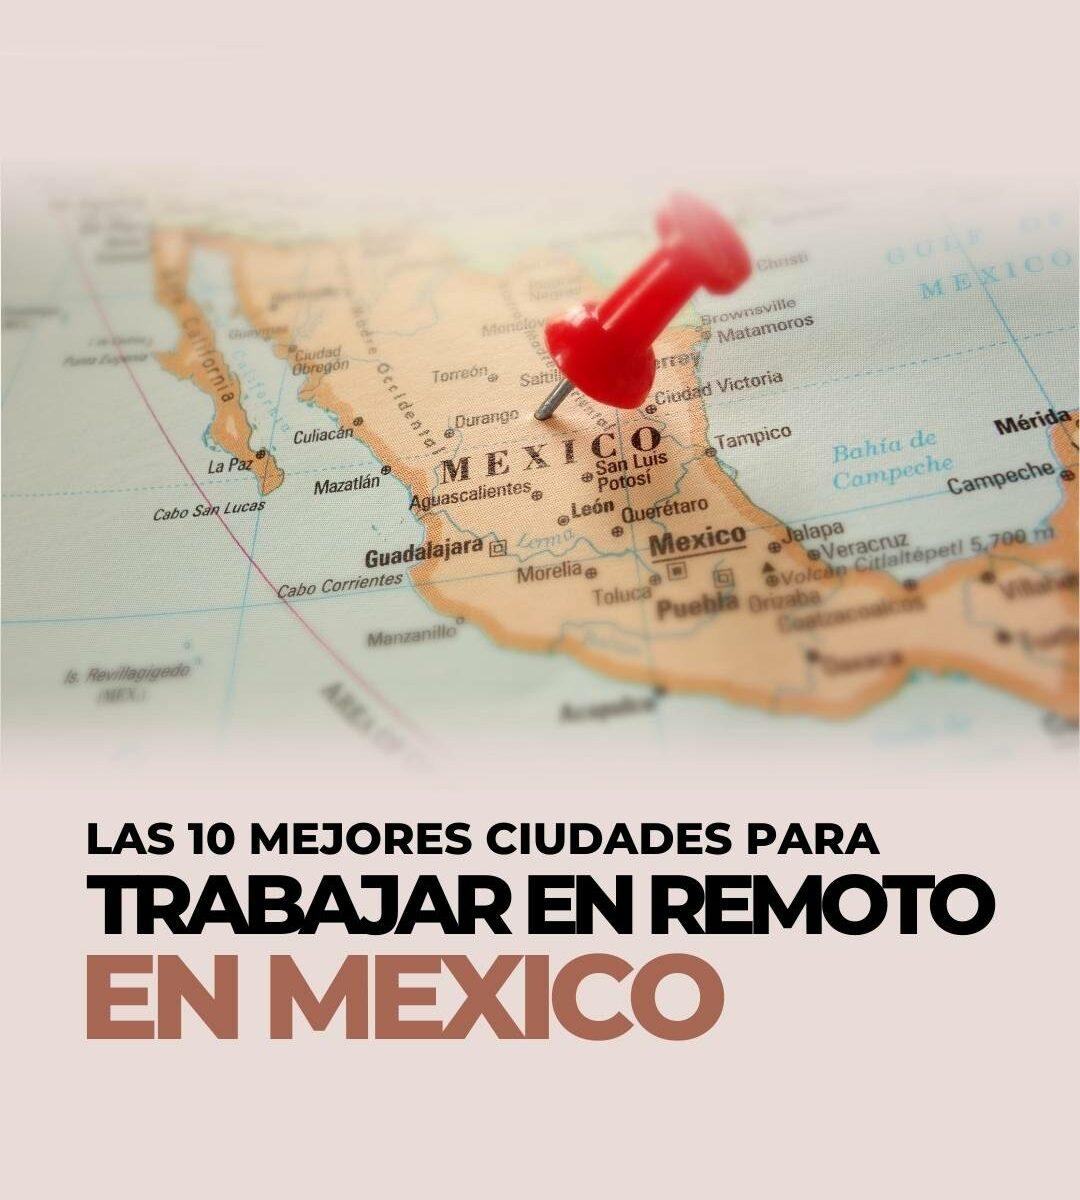 TRABAJAR EN REMOTO DESDE MÉXICO